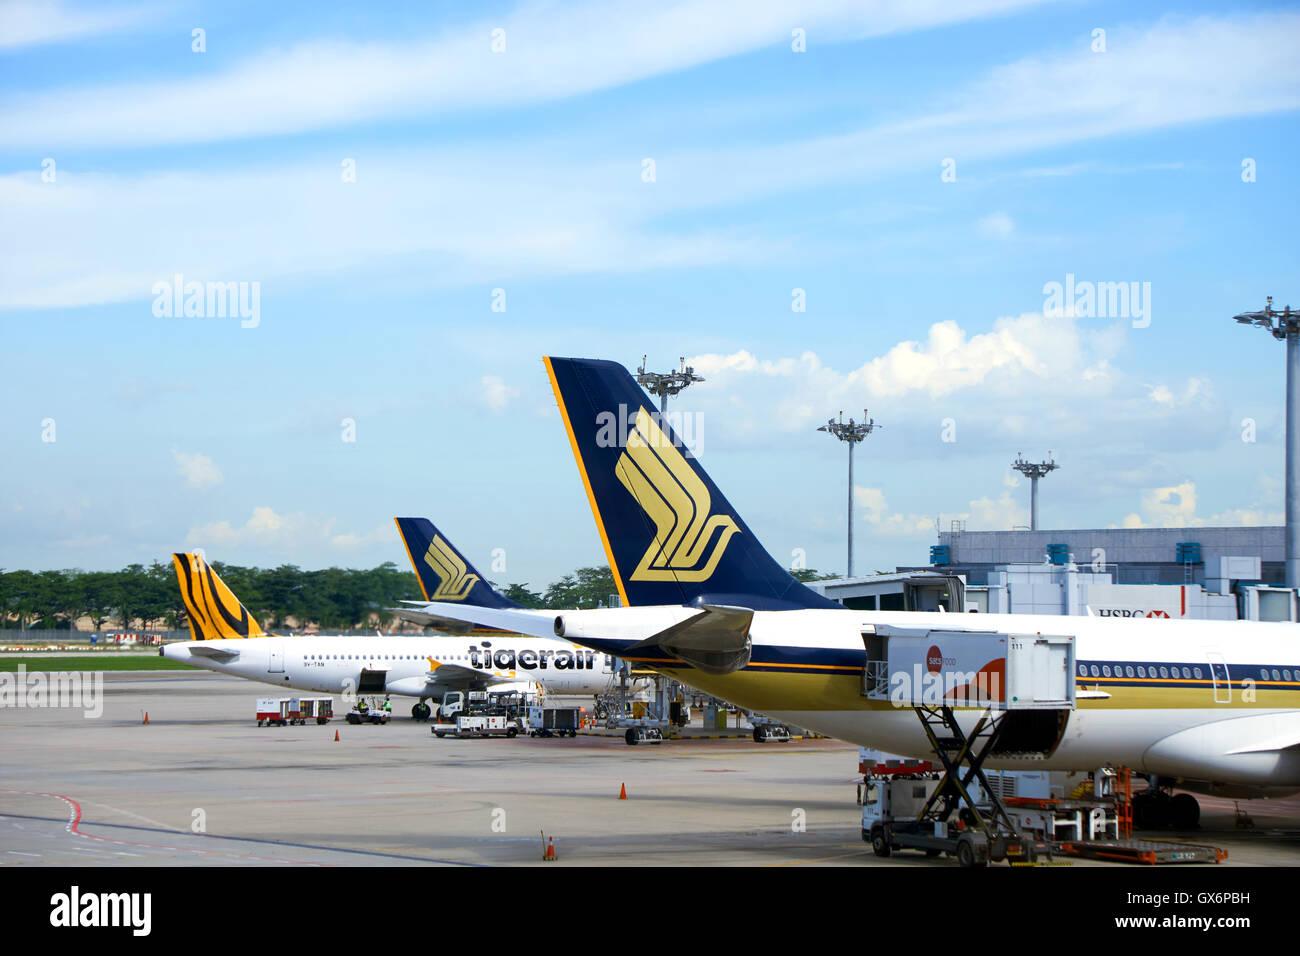 aircraft docked at Changi Airport. - Stock Image